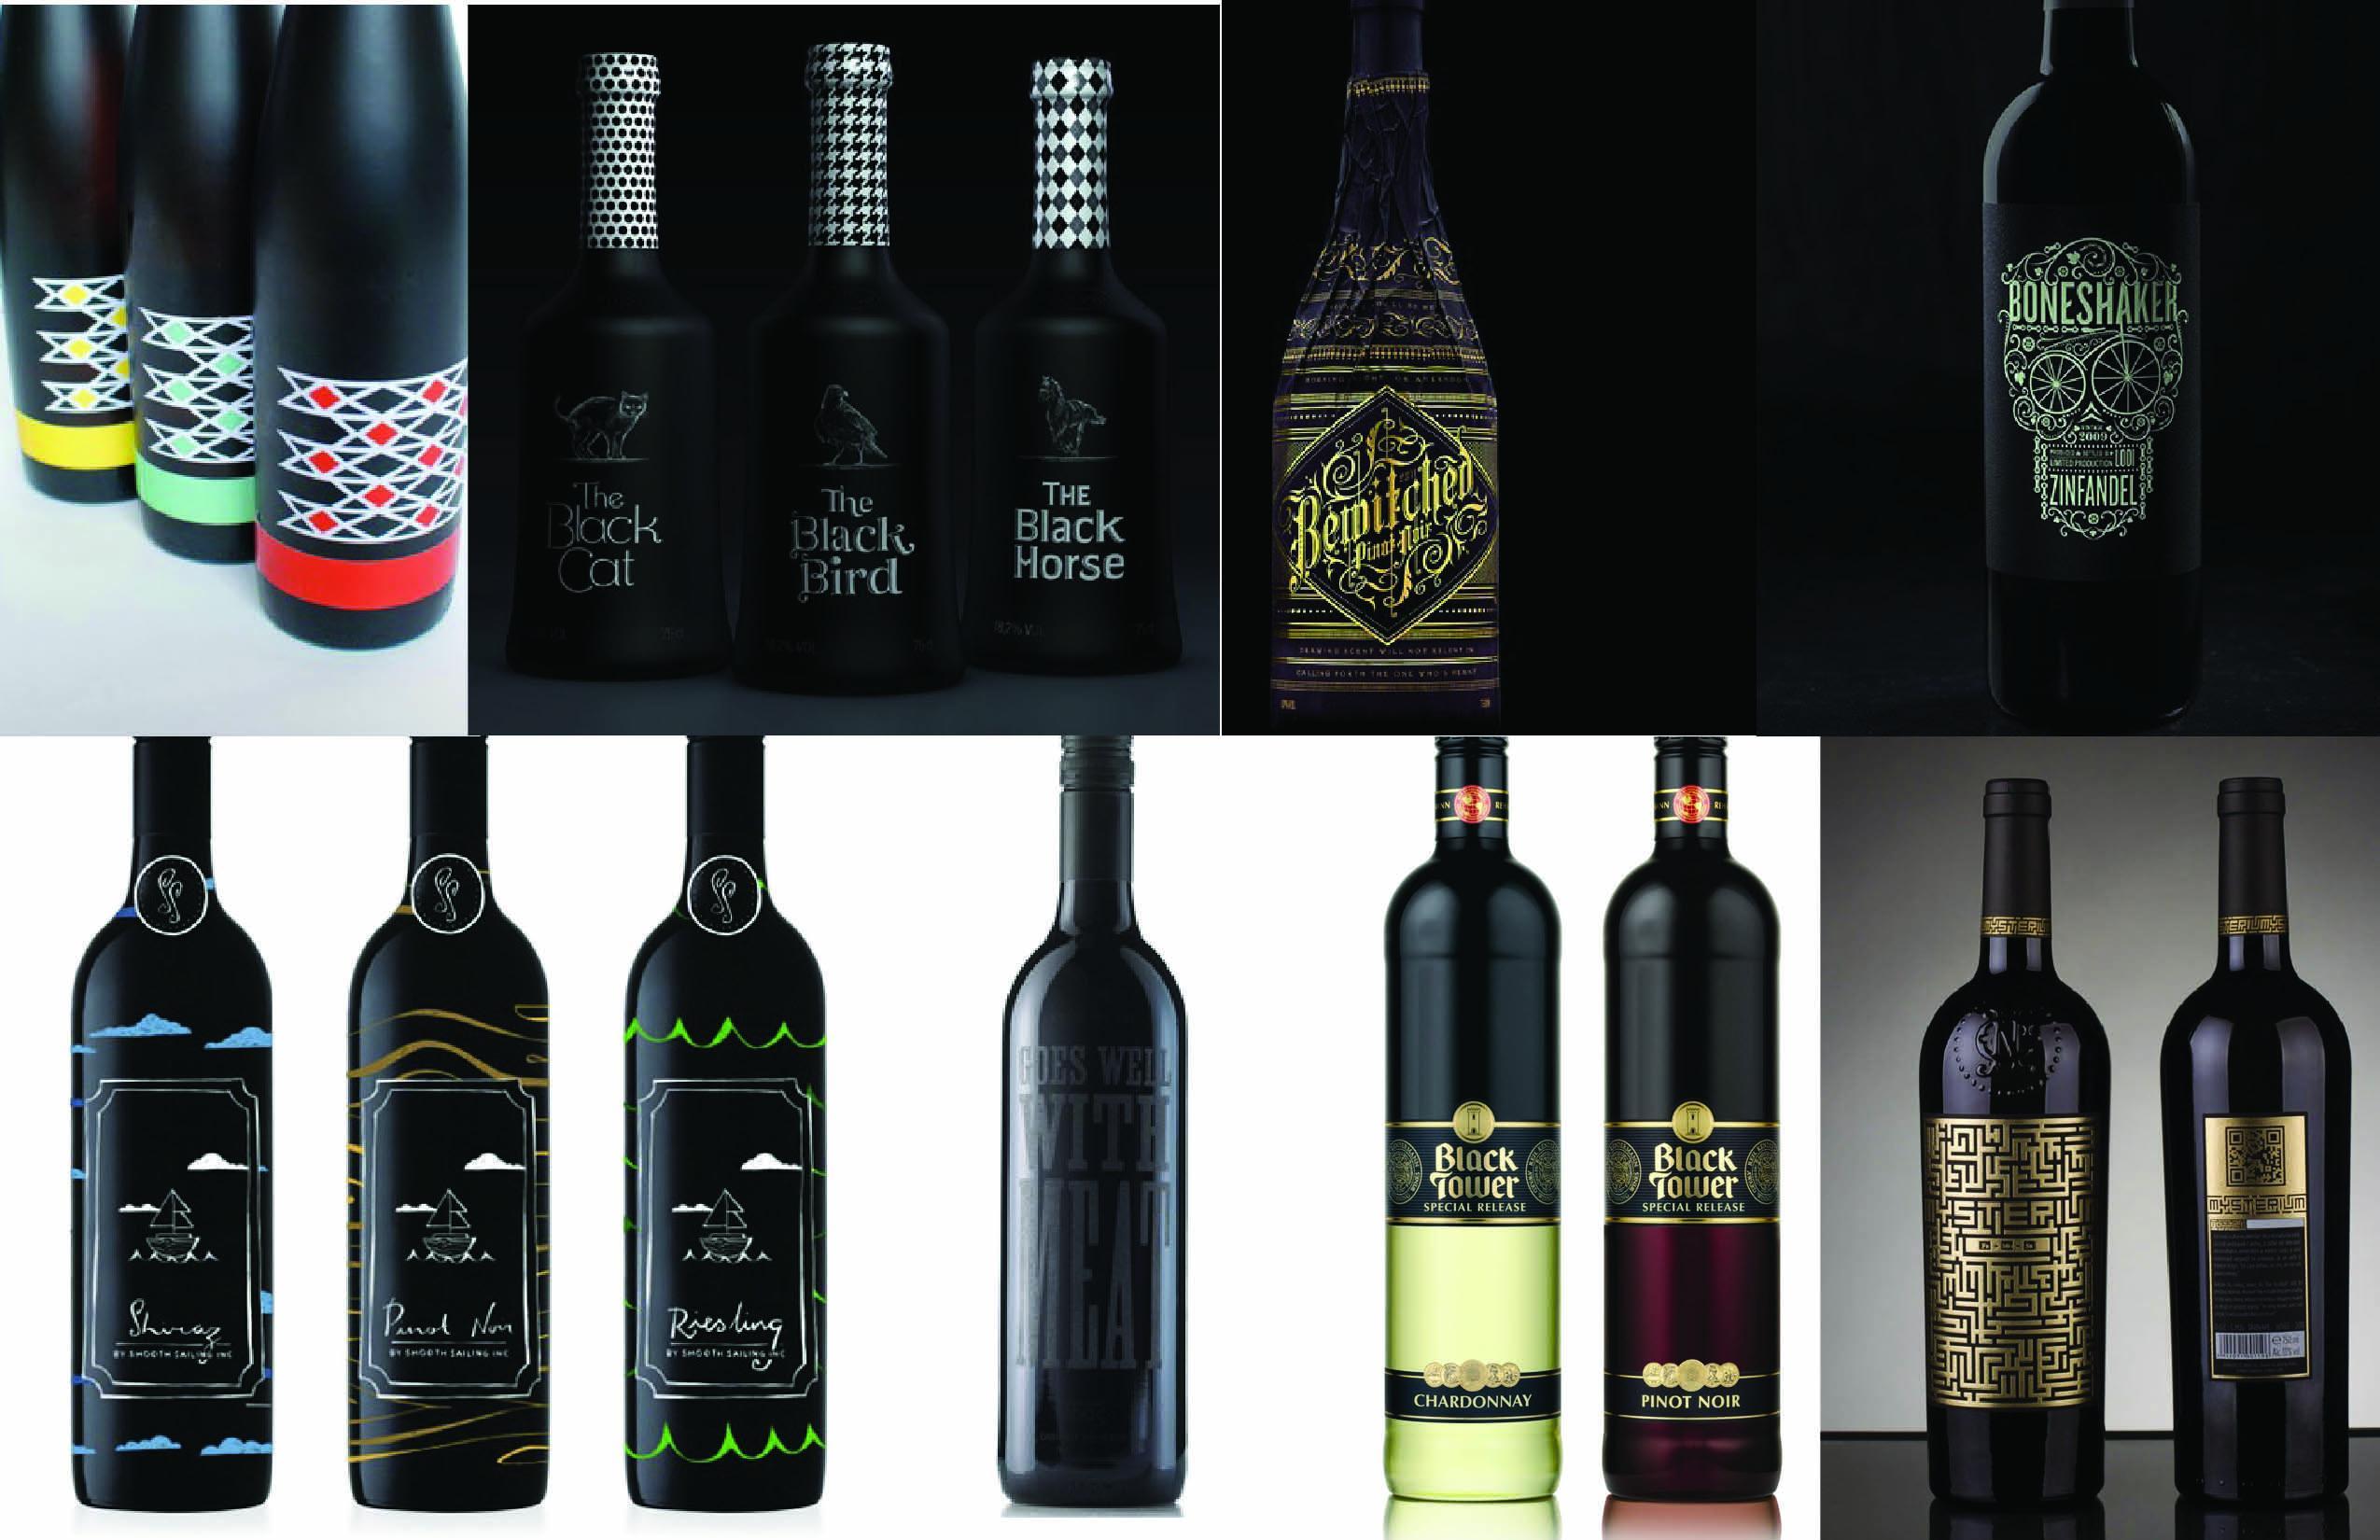 Le Chat Noir Wine - image 6 - student project